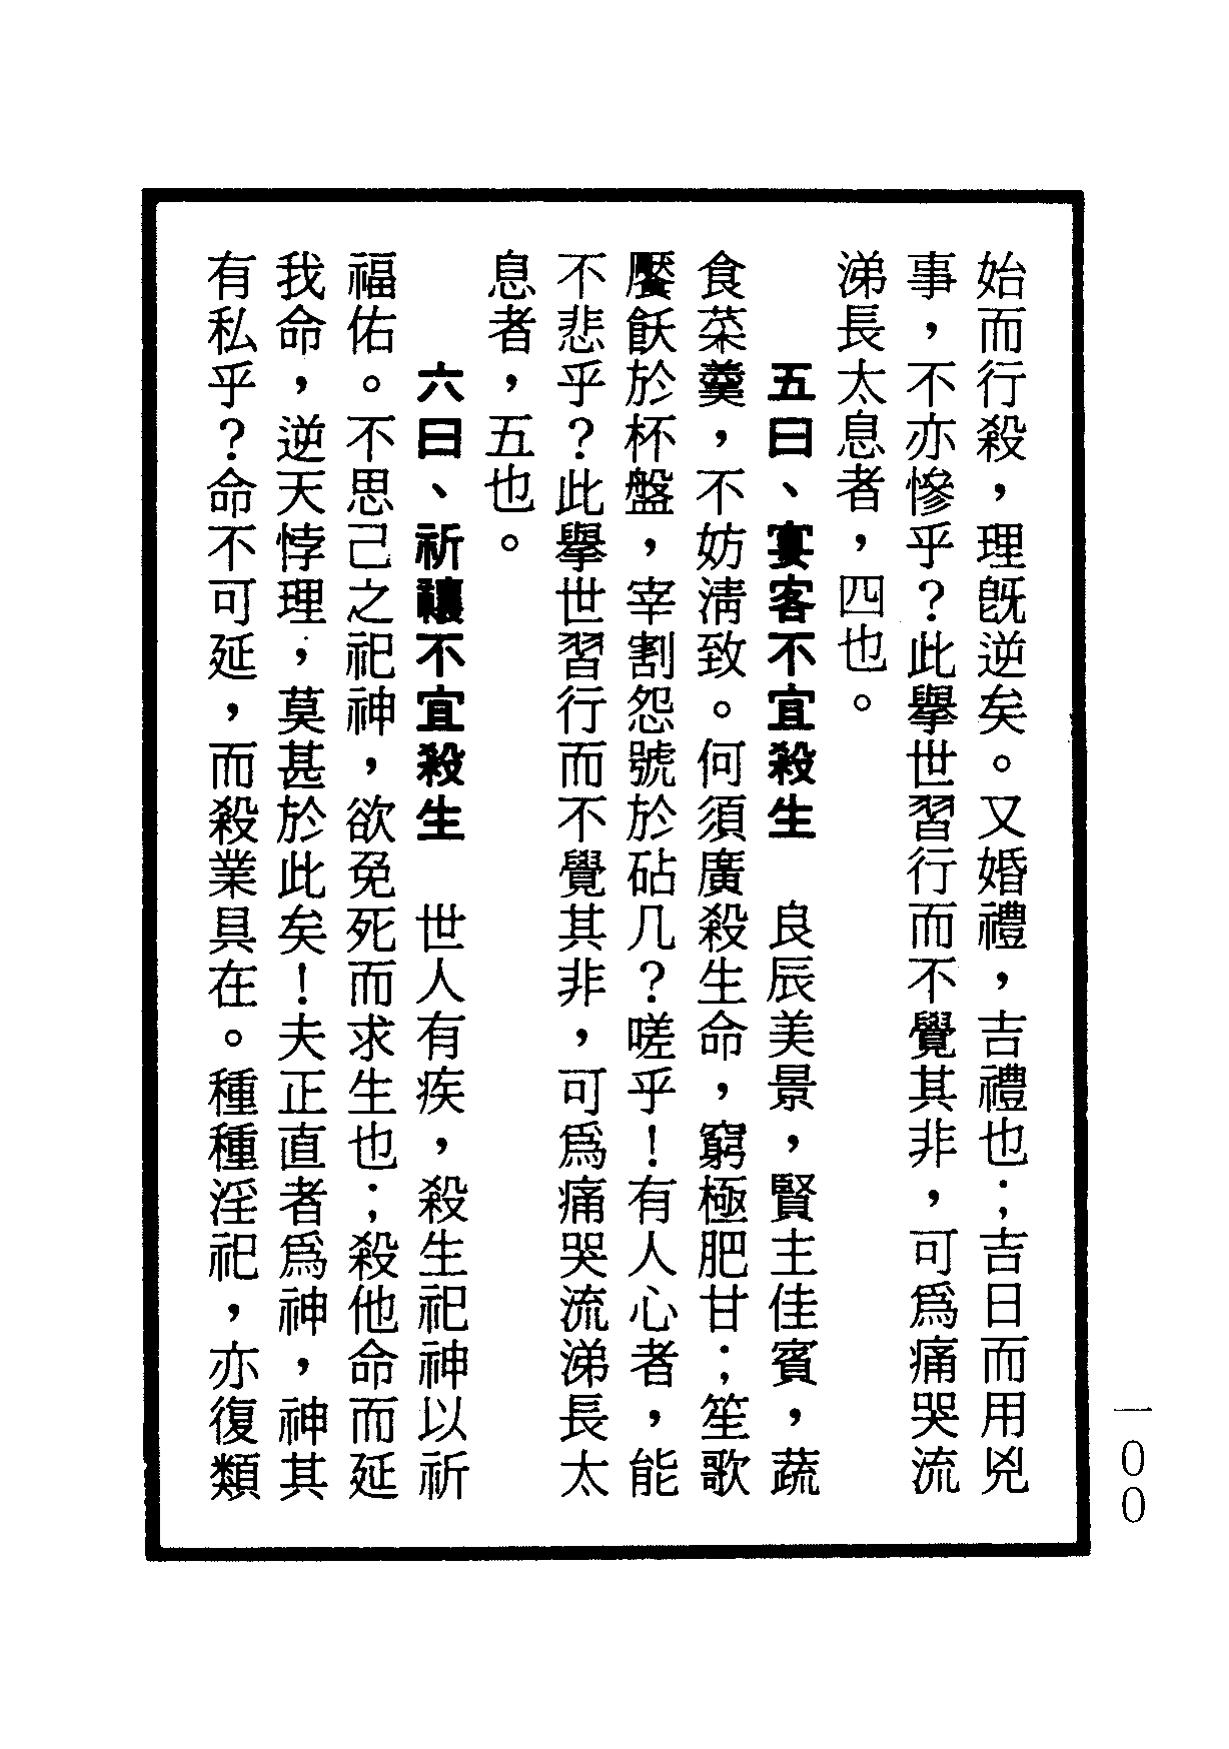 楞嚴咒-大悲咒-十小咒-易背本 106.png